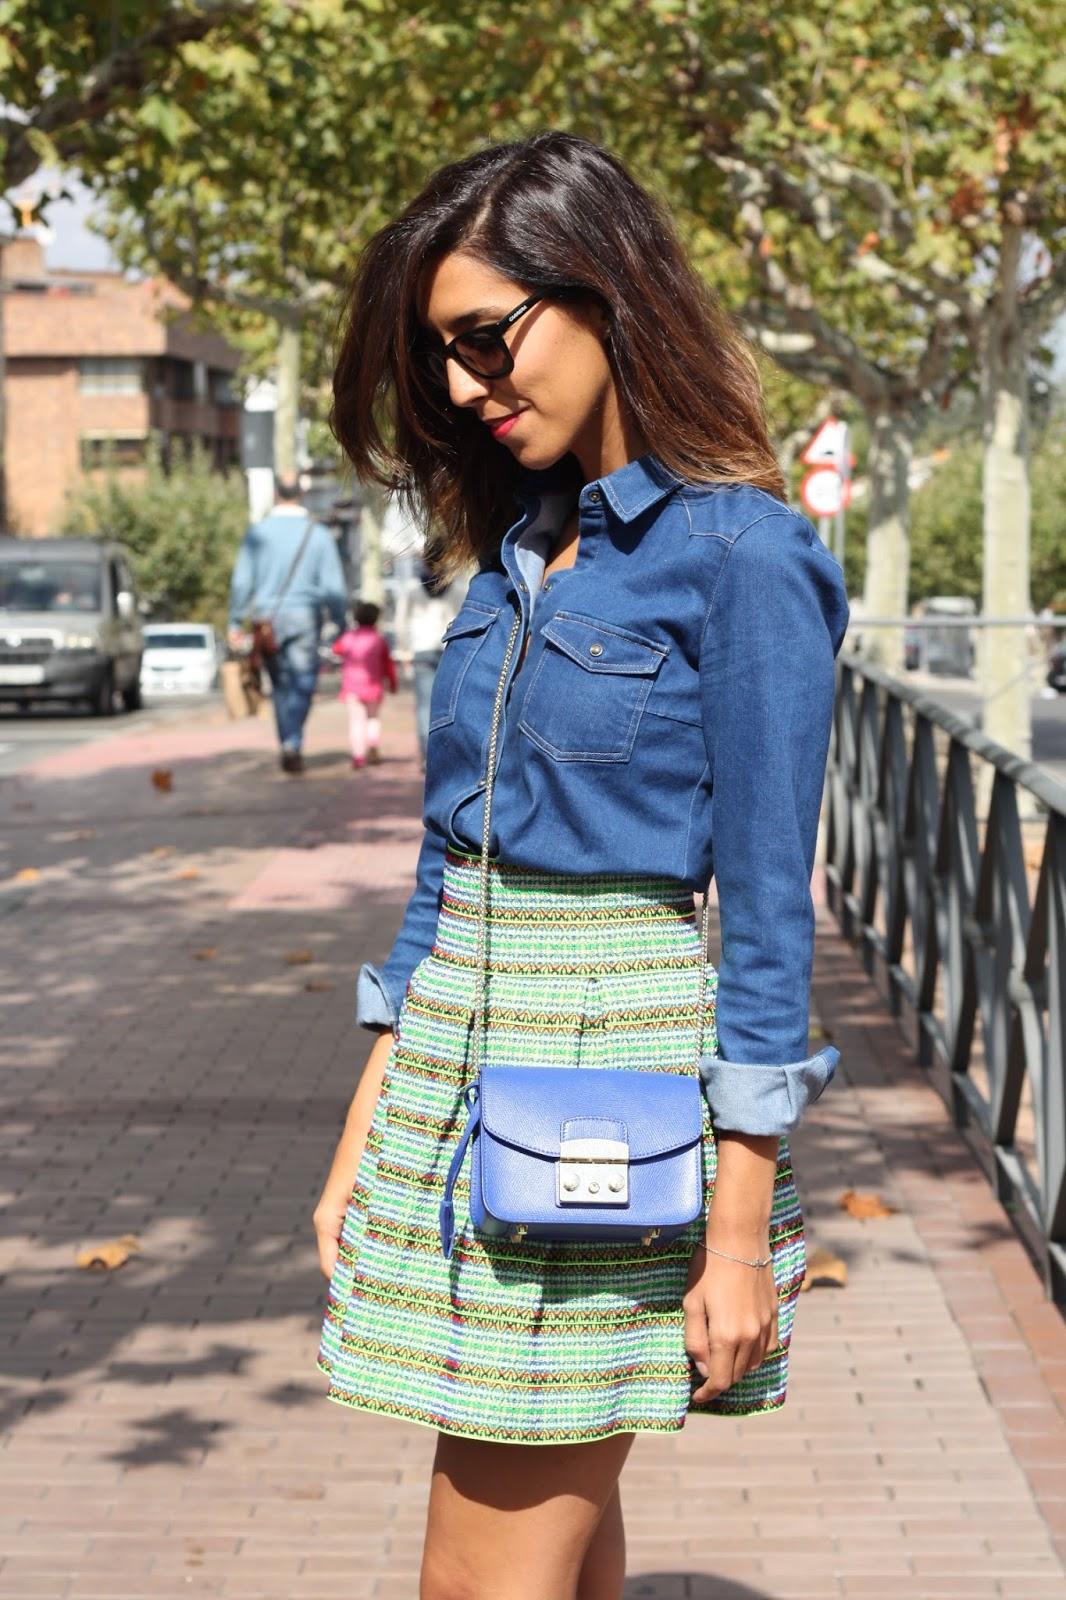 ESTRENANDO BOTINES Look con camisa vaquera y falda. - Oh My Blog